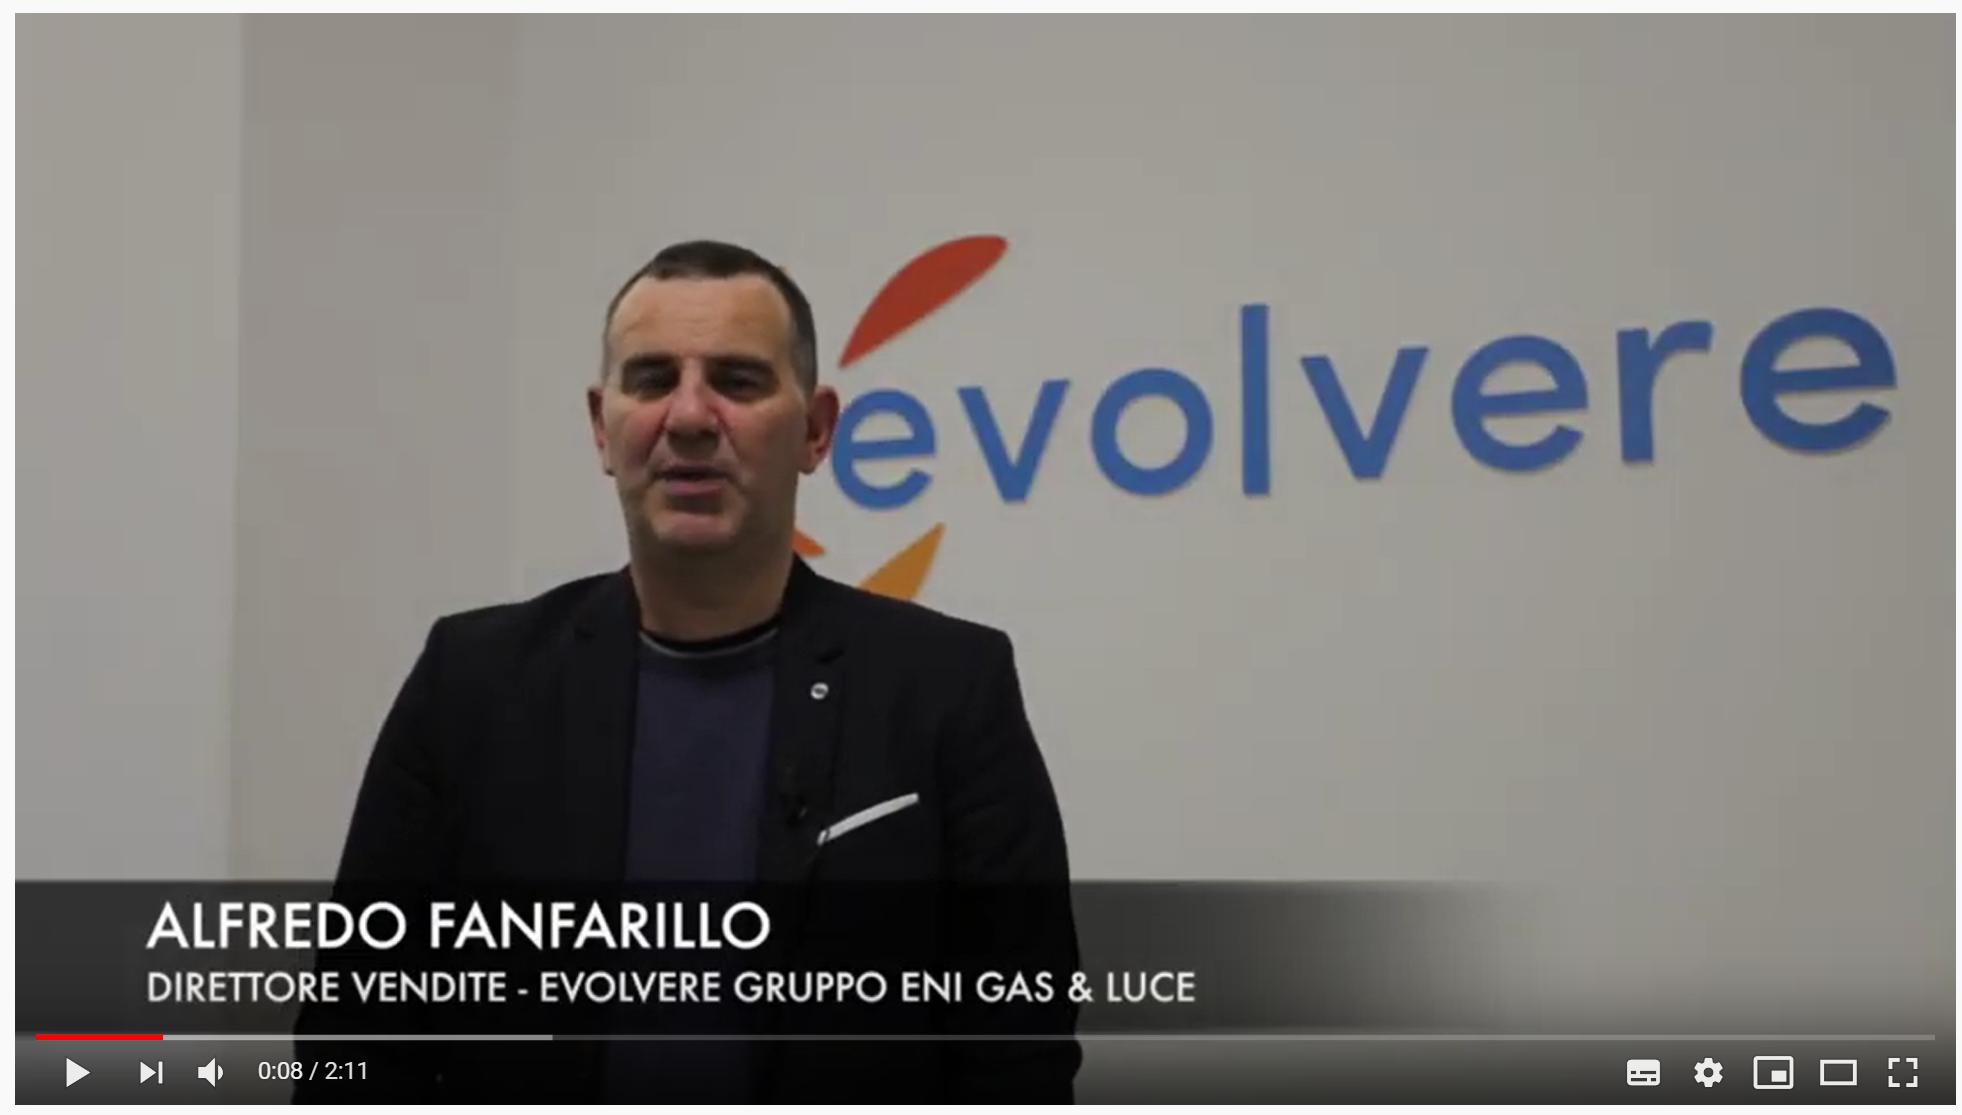 Video-testimonianza di Alfredo Fanfarillo (Evolvere Gruppo Eni Gas & Luce)